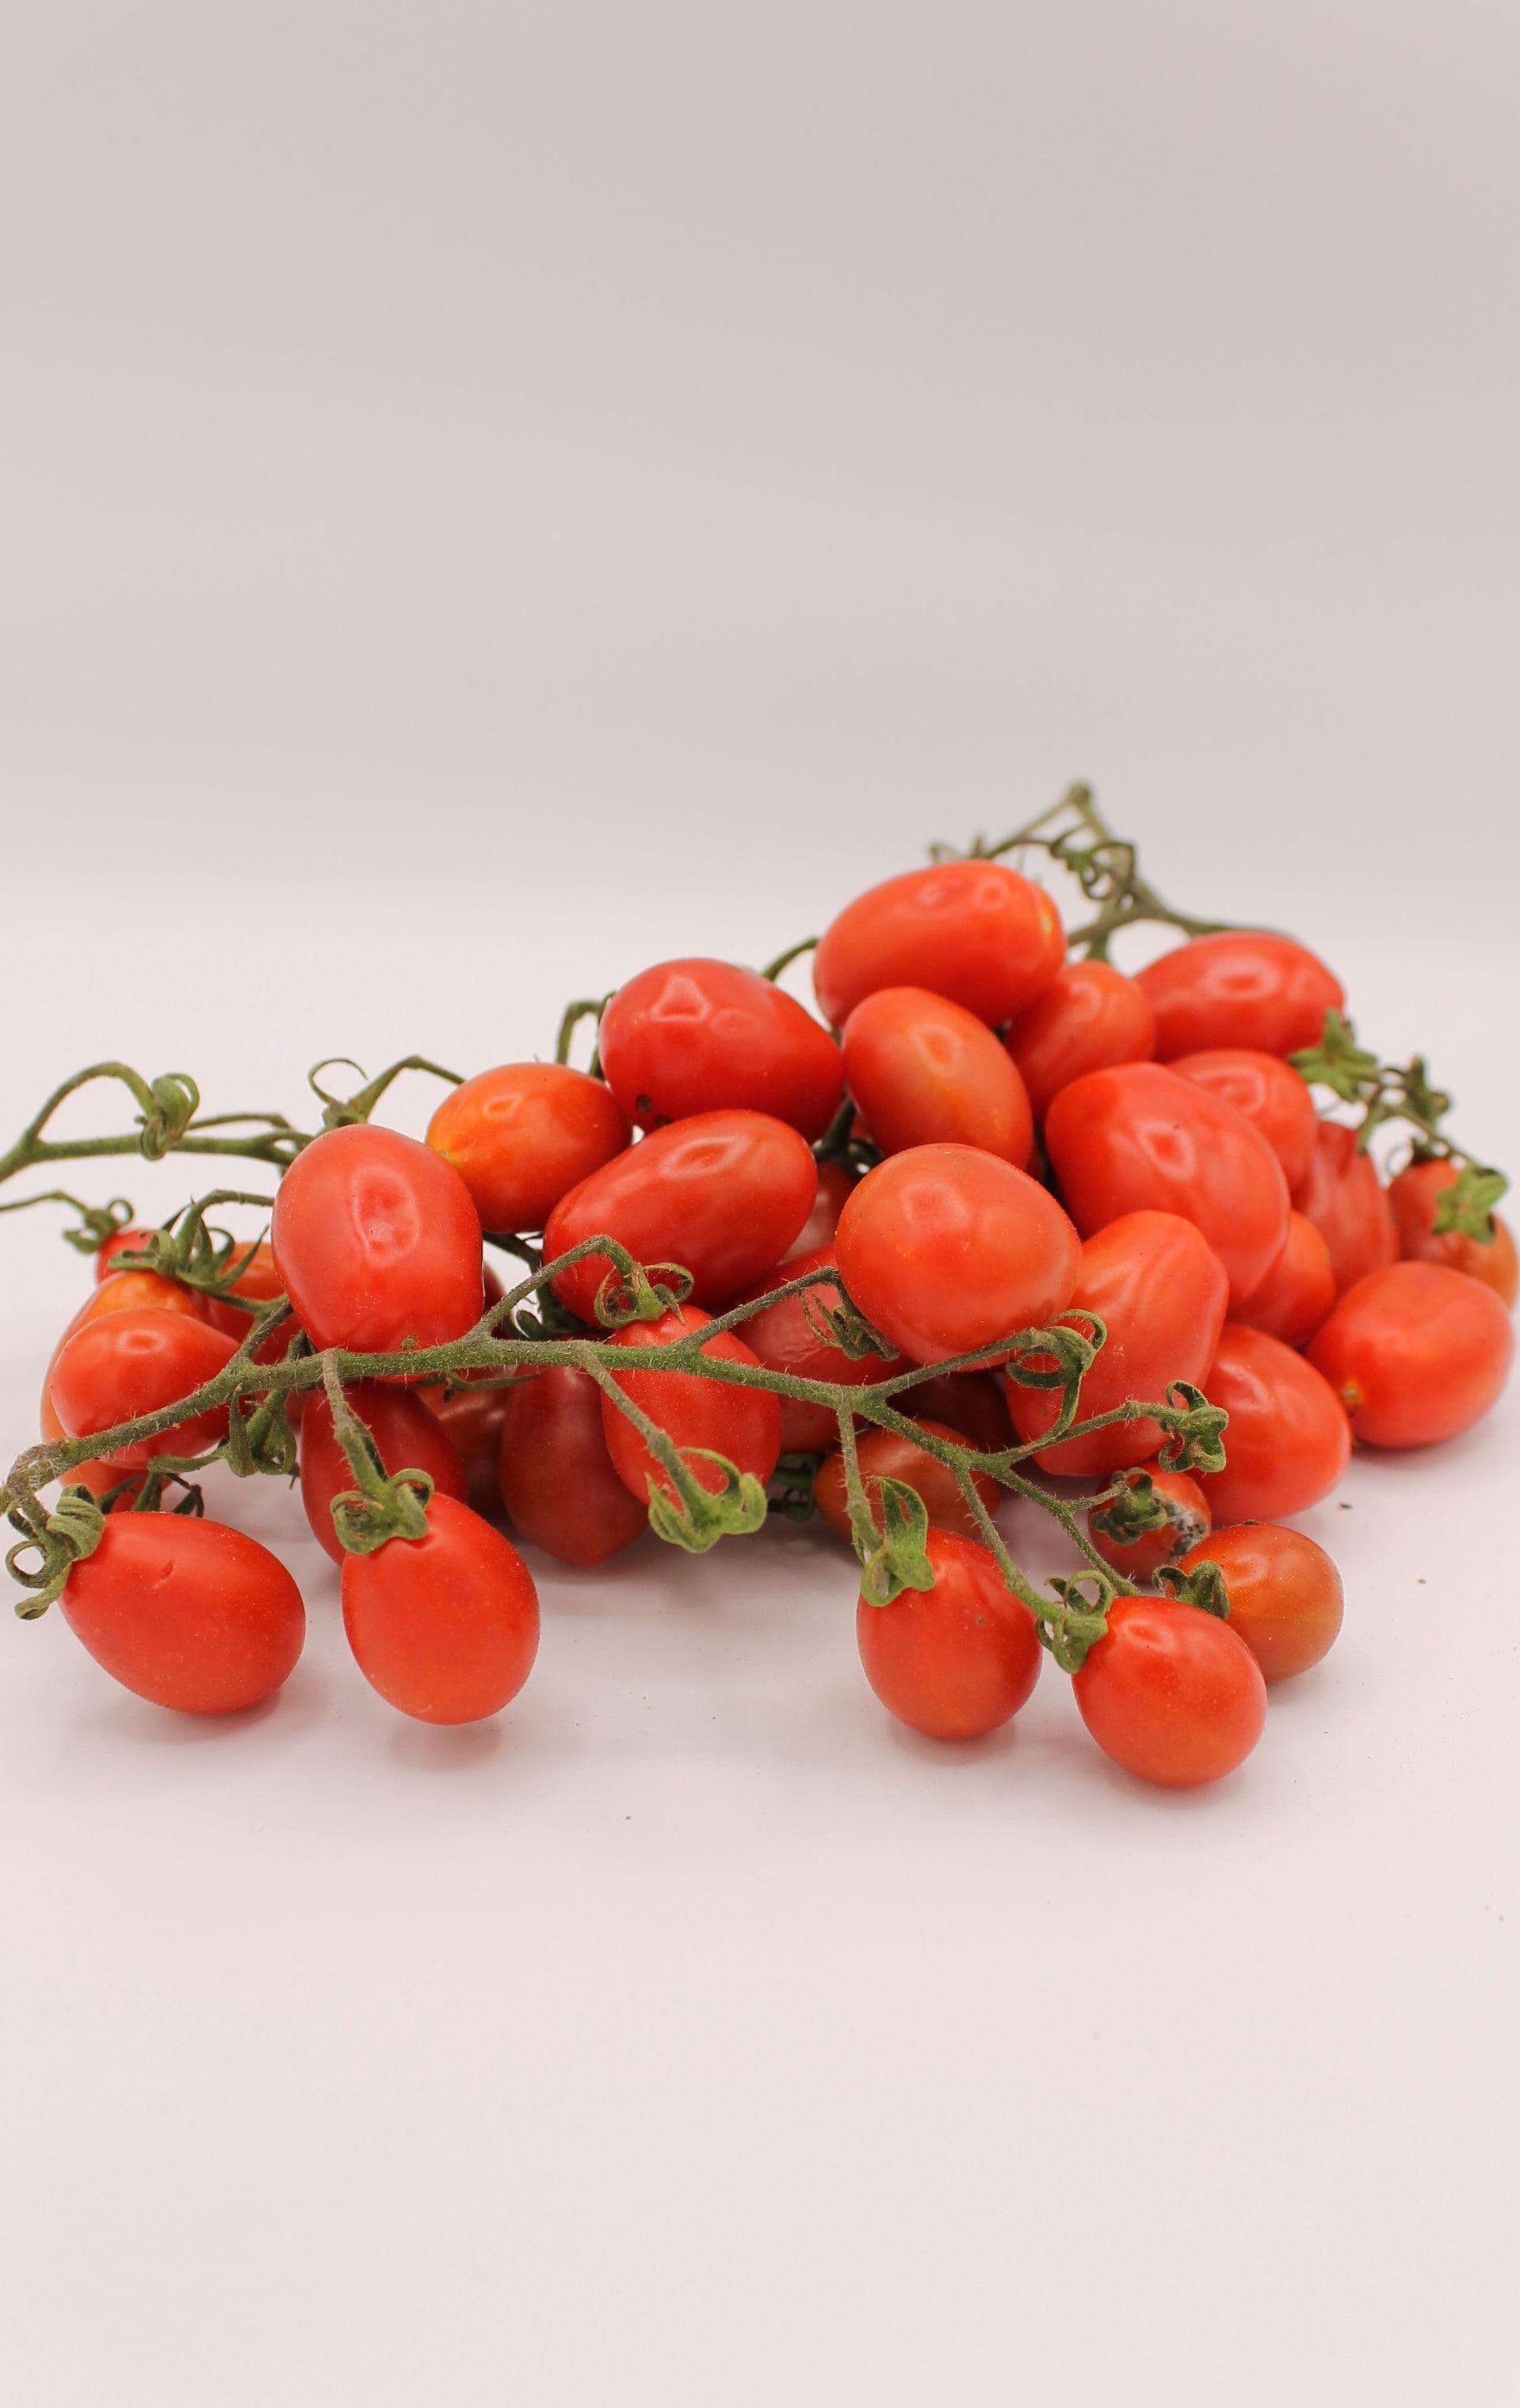 Pomodoro datterino grappolo